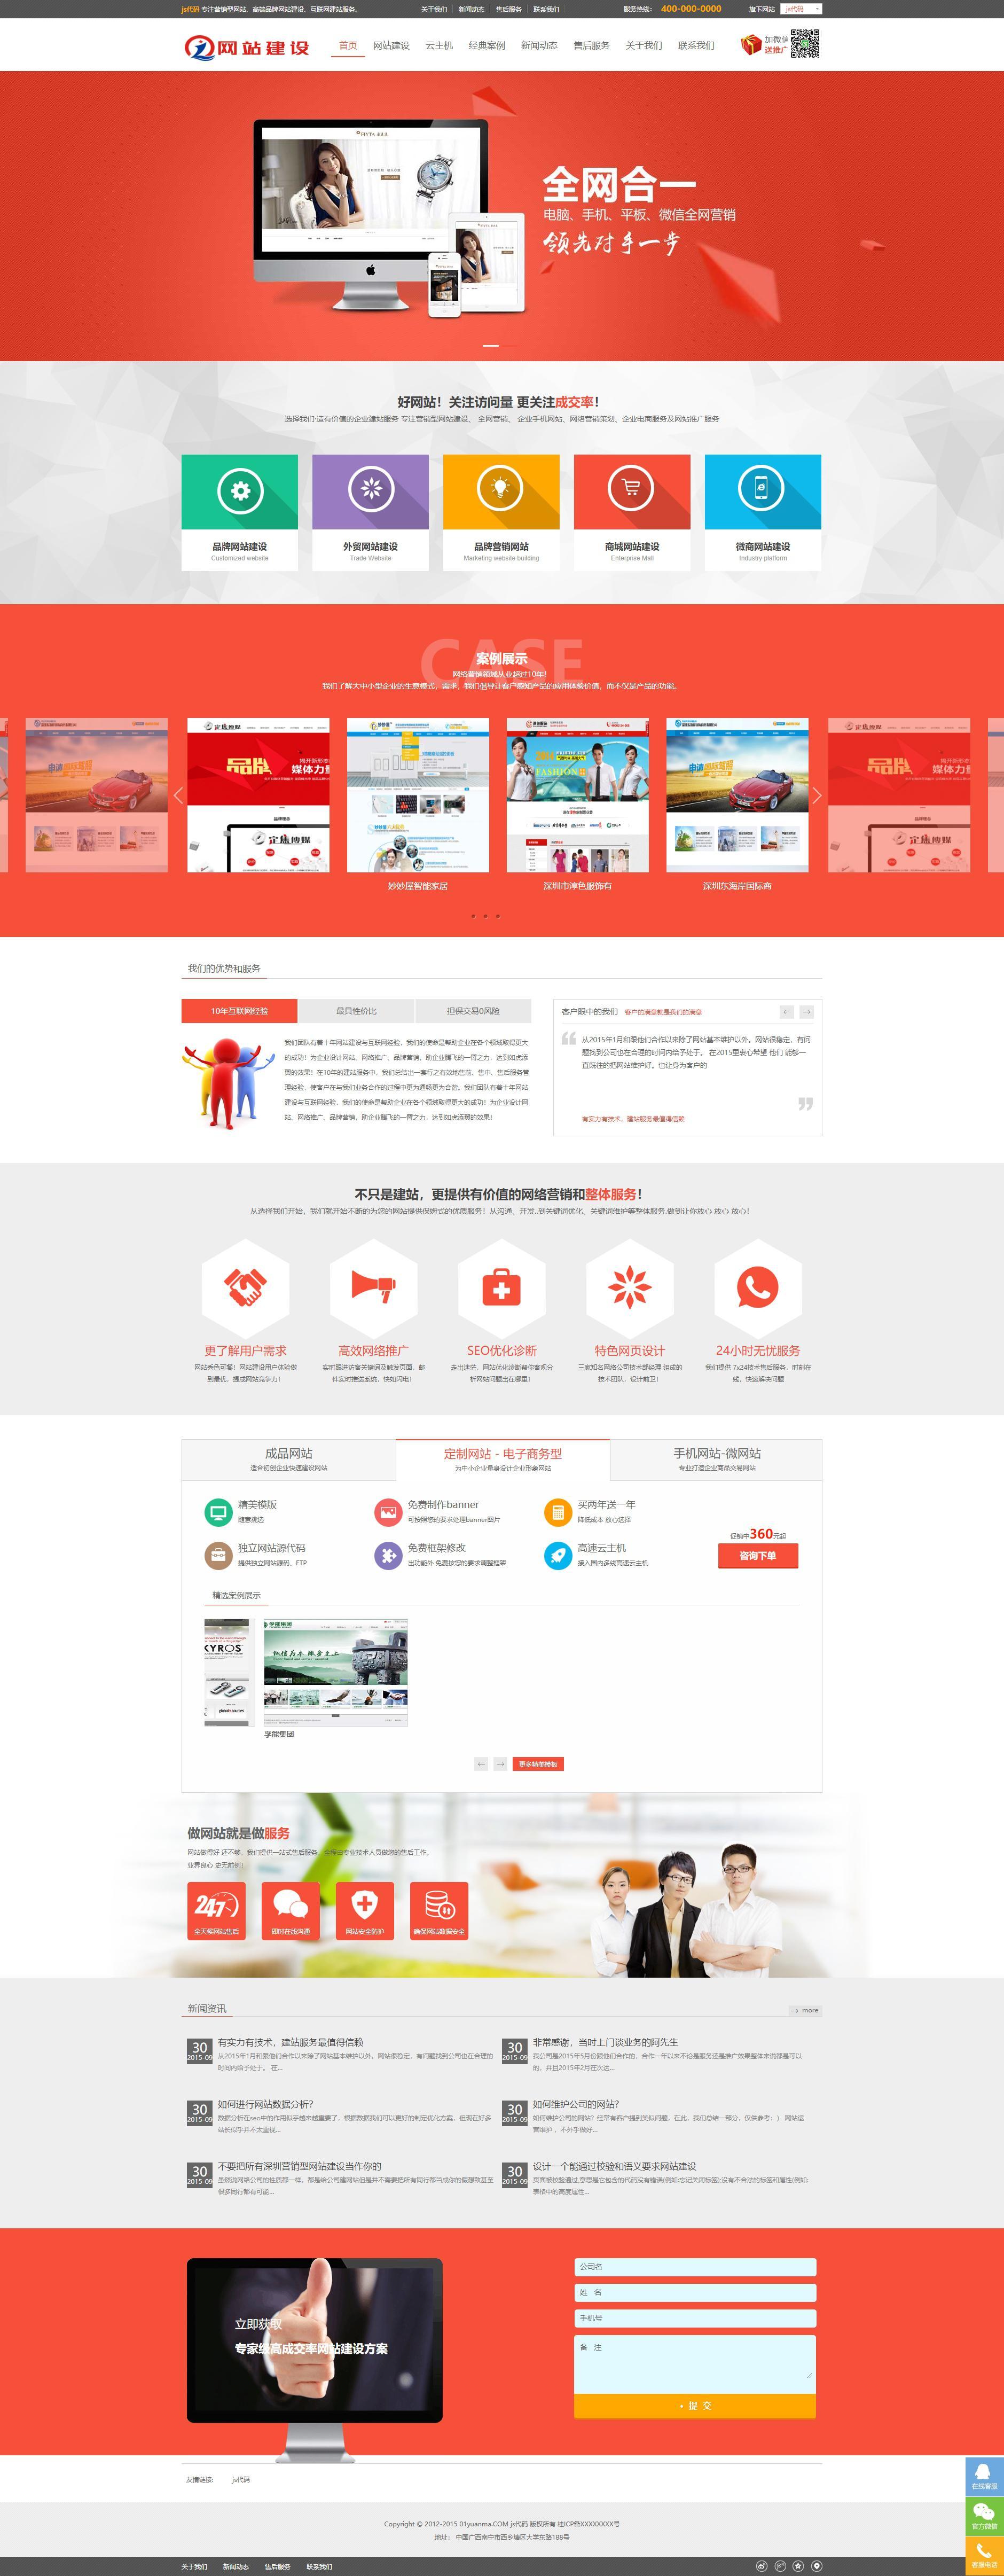 大气的互联网建站服务公司网站html模板